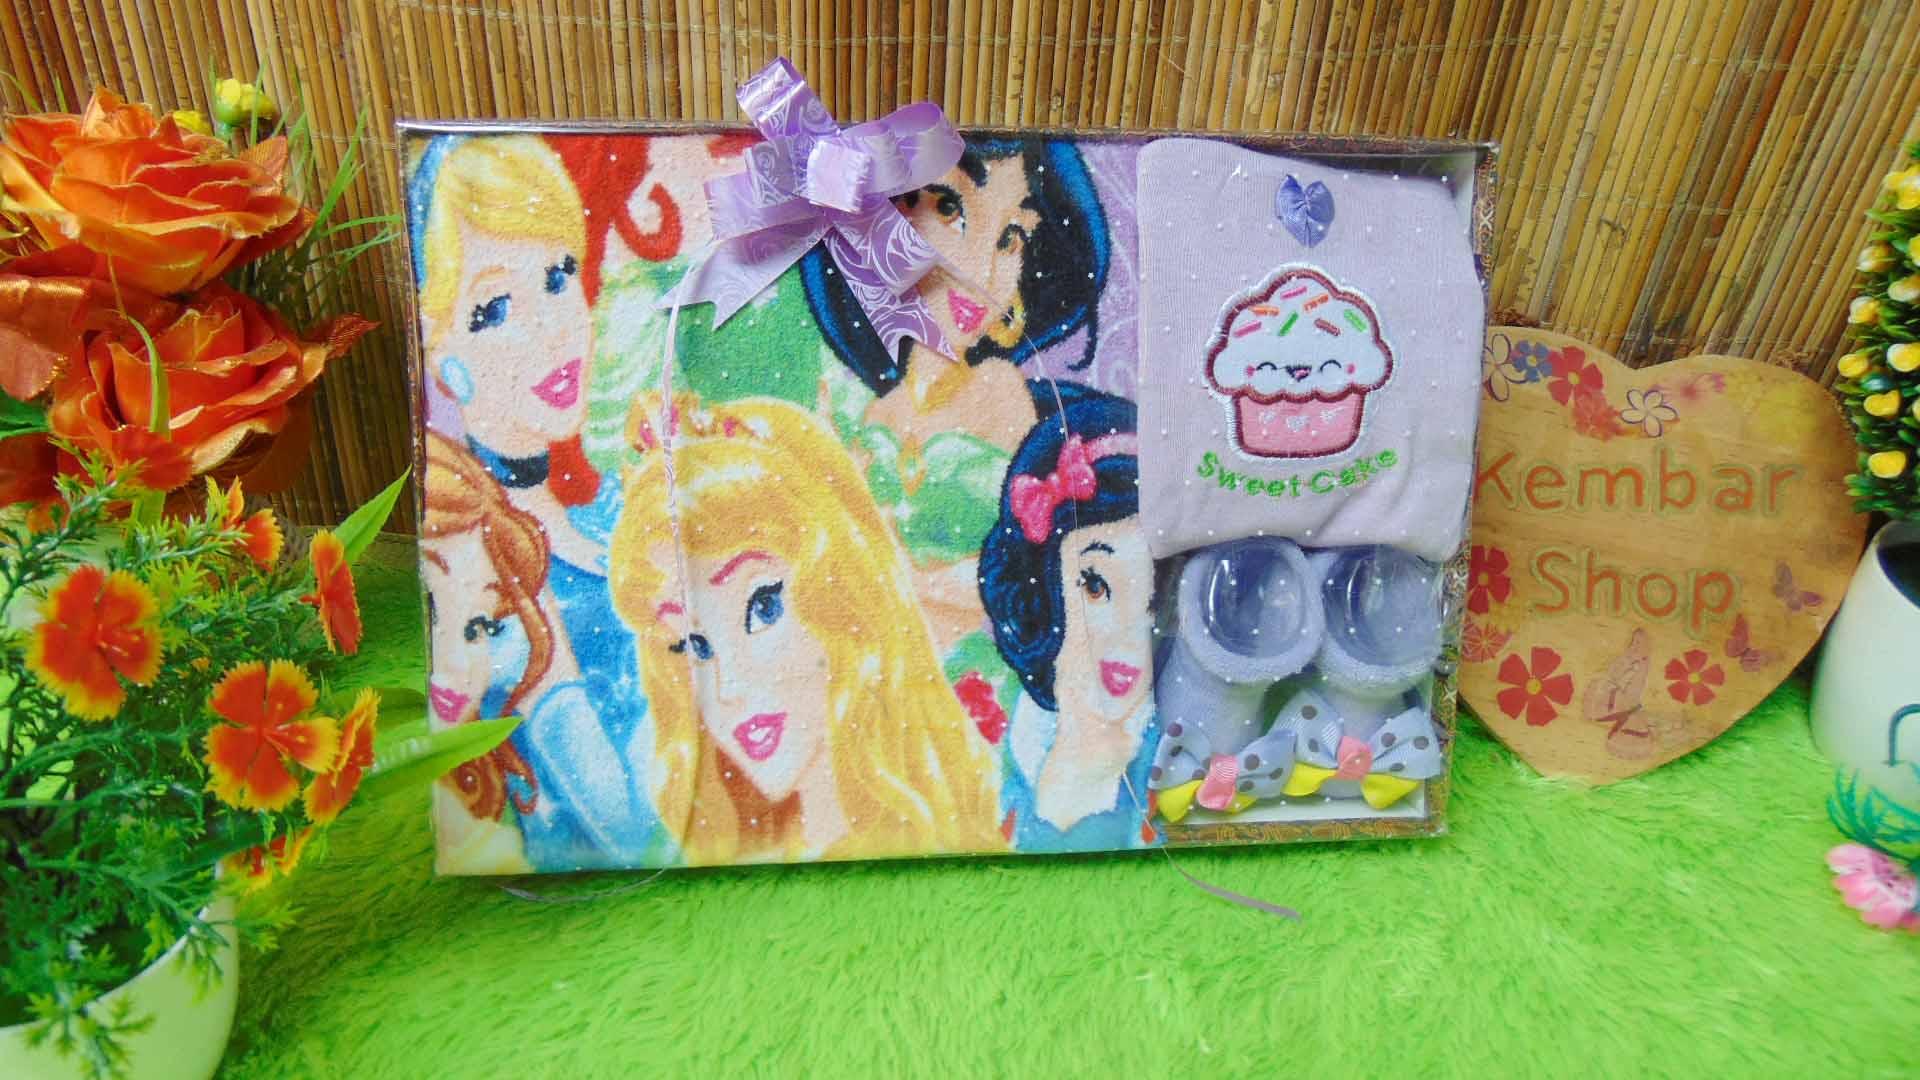 FREE KARTU UCAPAN paket kado bayi baby gift set box (4)